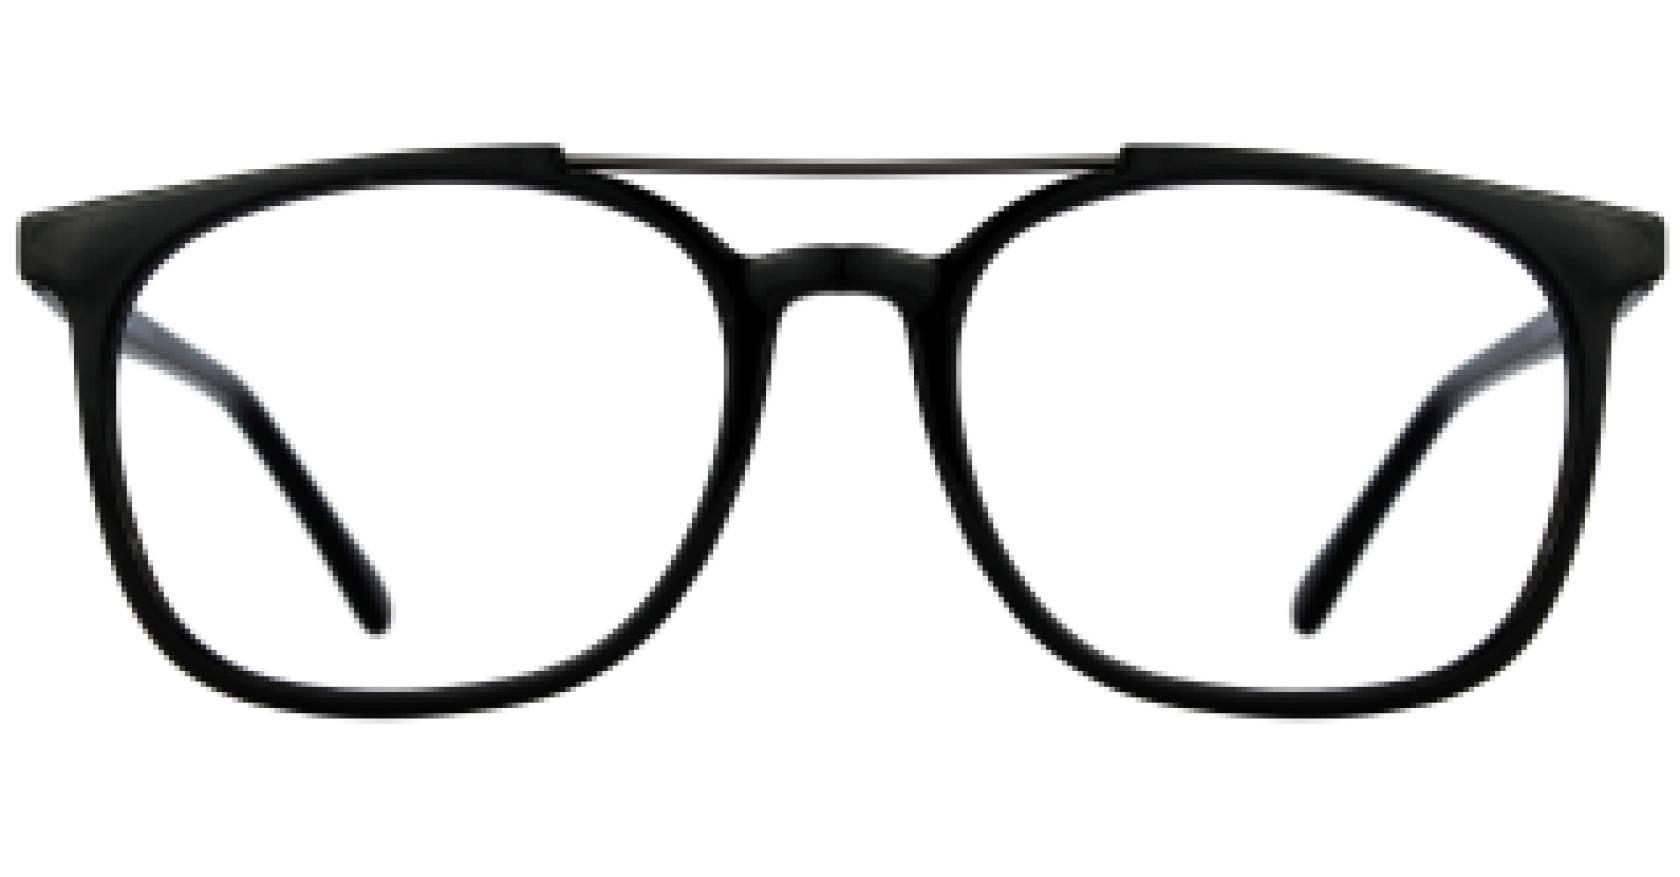 imagen miniatura frontal de la referencia 1001488